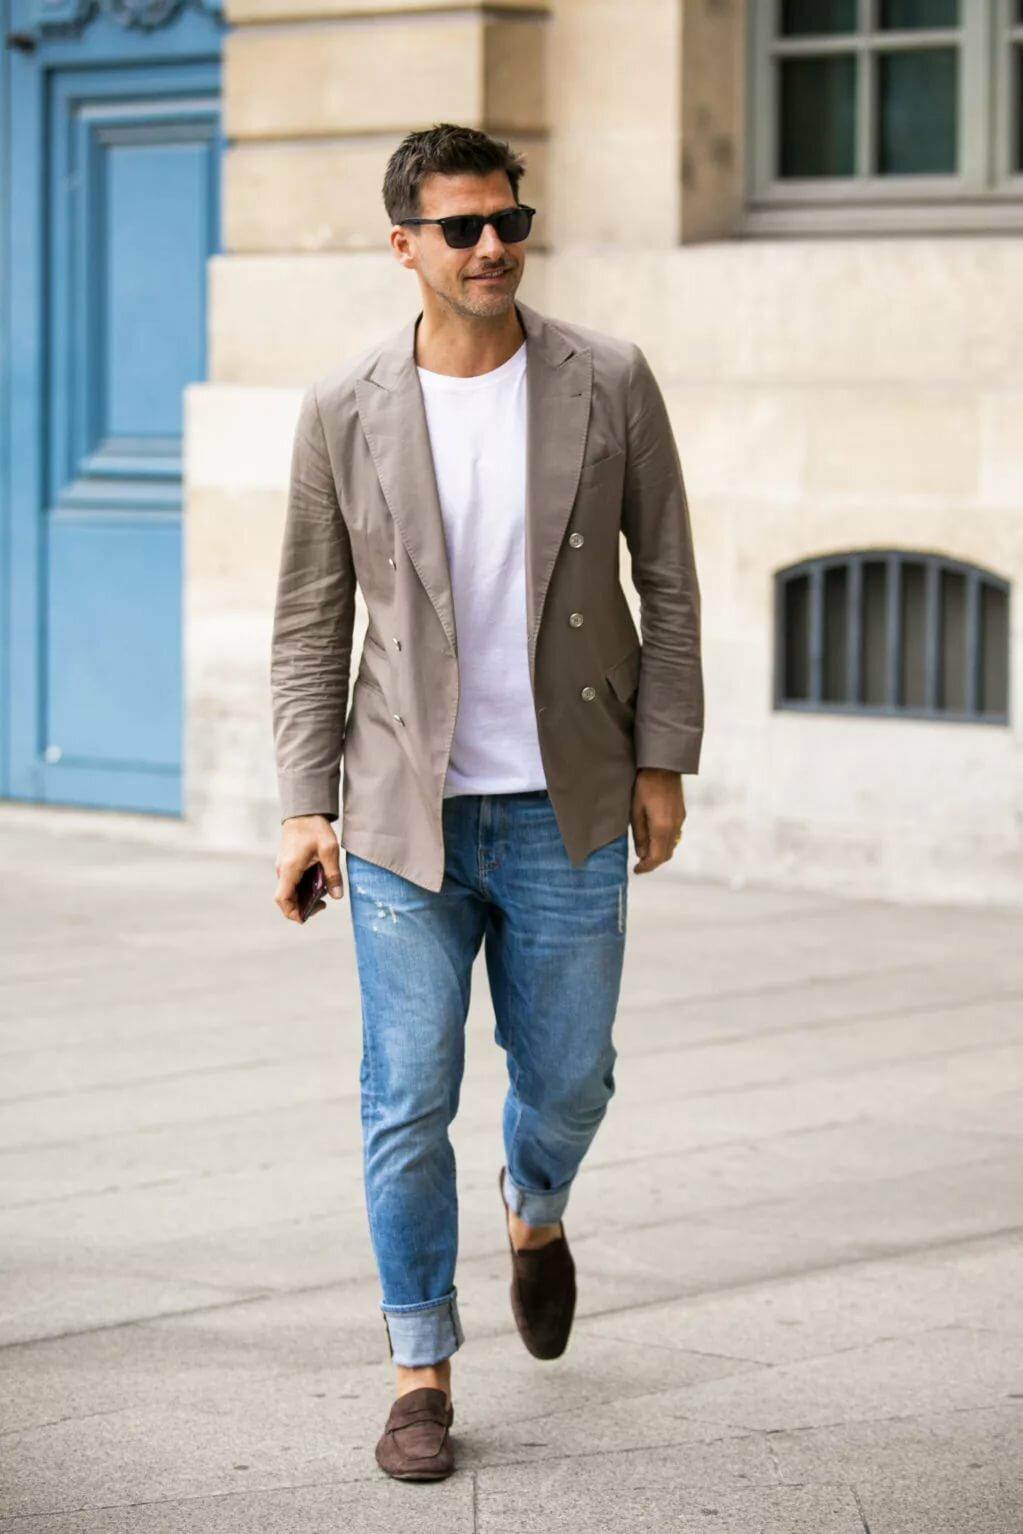 изображения яндекс мужской костюм под джинсы фото получается очень аппетитным